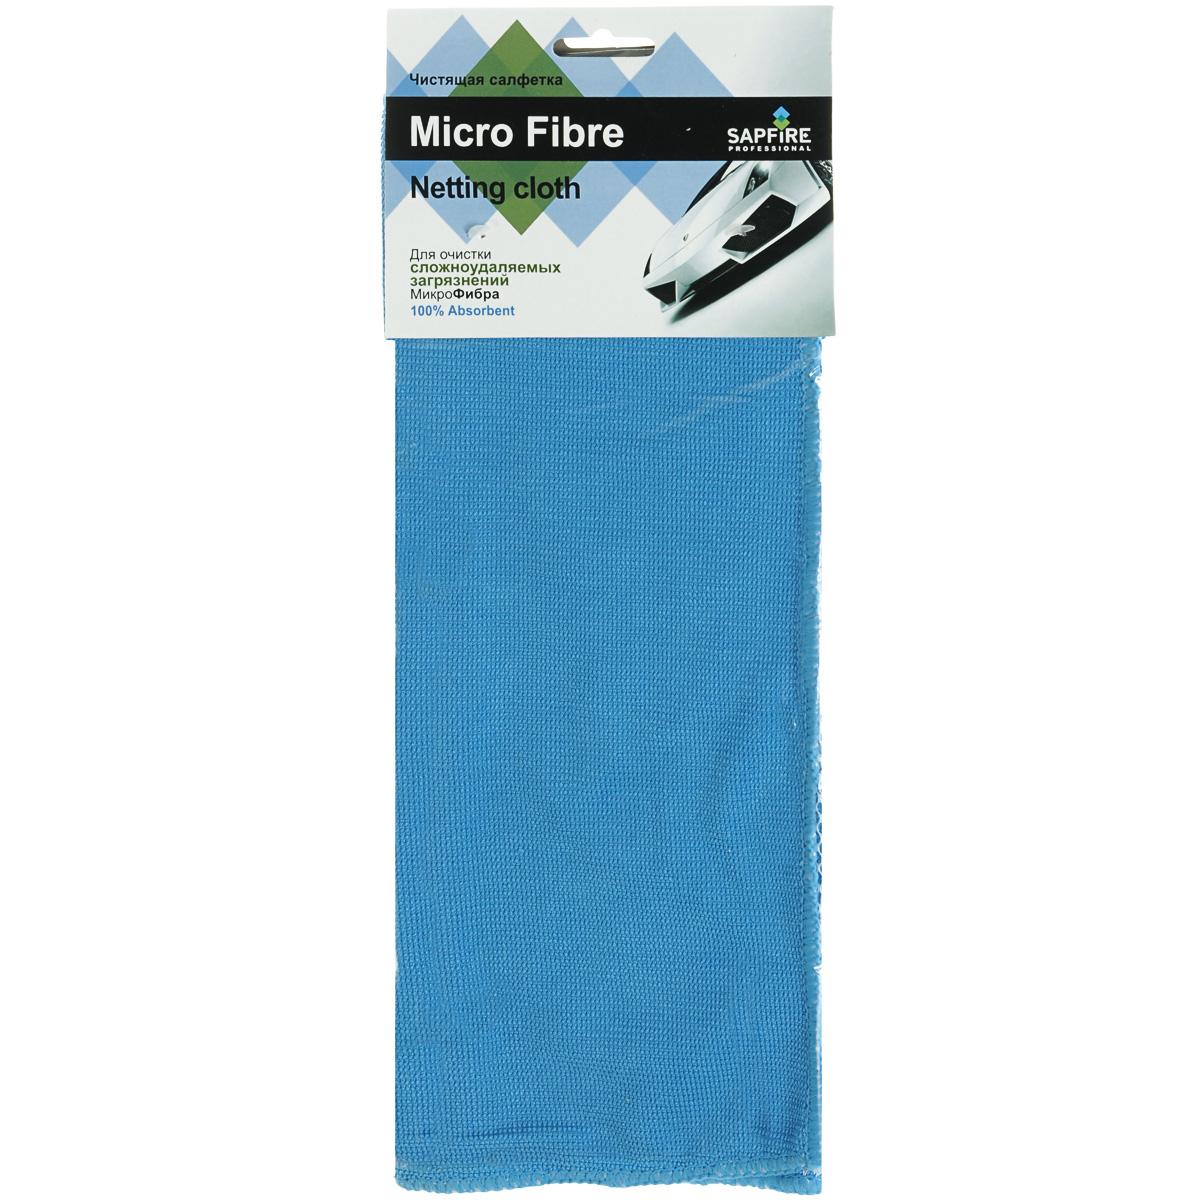 Салфетка чистящая для мытья и полировки автомобиля Sapfire Netting Cloth, цвет: голубой, 35 х 35 см3002-SFMСалфетка Sapfire Netting cloth выполнена из высококачественного полиэстера и полиамида. С одной стороны салфетка покрыта сеткой. Благодаря своей сетчатой структуре она эффективно удаляет с твердых поверхностей грязь, следы засохших насекомых. Микрофибровое полотно удаляет грязь с поверхности намного эффективнее, быстрее и значительно более бережно в сравнении с обычной тканью, что существенно снижает время на проведение уборки, поскольку отсутствует необходимость протирать одно и то же место дважды. Использовать салфетку можно для чистки как наружных, так и внутренних поверхностей автомобиля. Используя подобную мягкую ткань, можно проникнуть даже в самые труднодоступные места и эффективно очистить от пыли и бактерий все поверхности. Микрофибра устойчива к истиранию, ее можно быстро вернуть к первоначальному виду с помощью машинной стирки при малом количестве моющих средств. Приобретая микрофибровые изделия для чистки автомобиля, каждый владелец сможет...